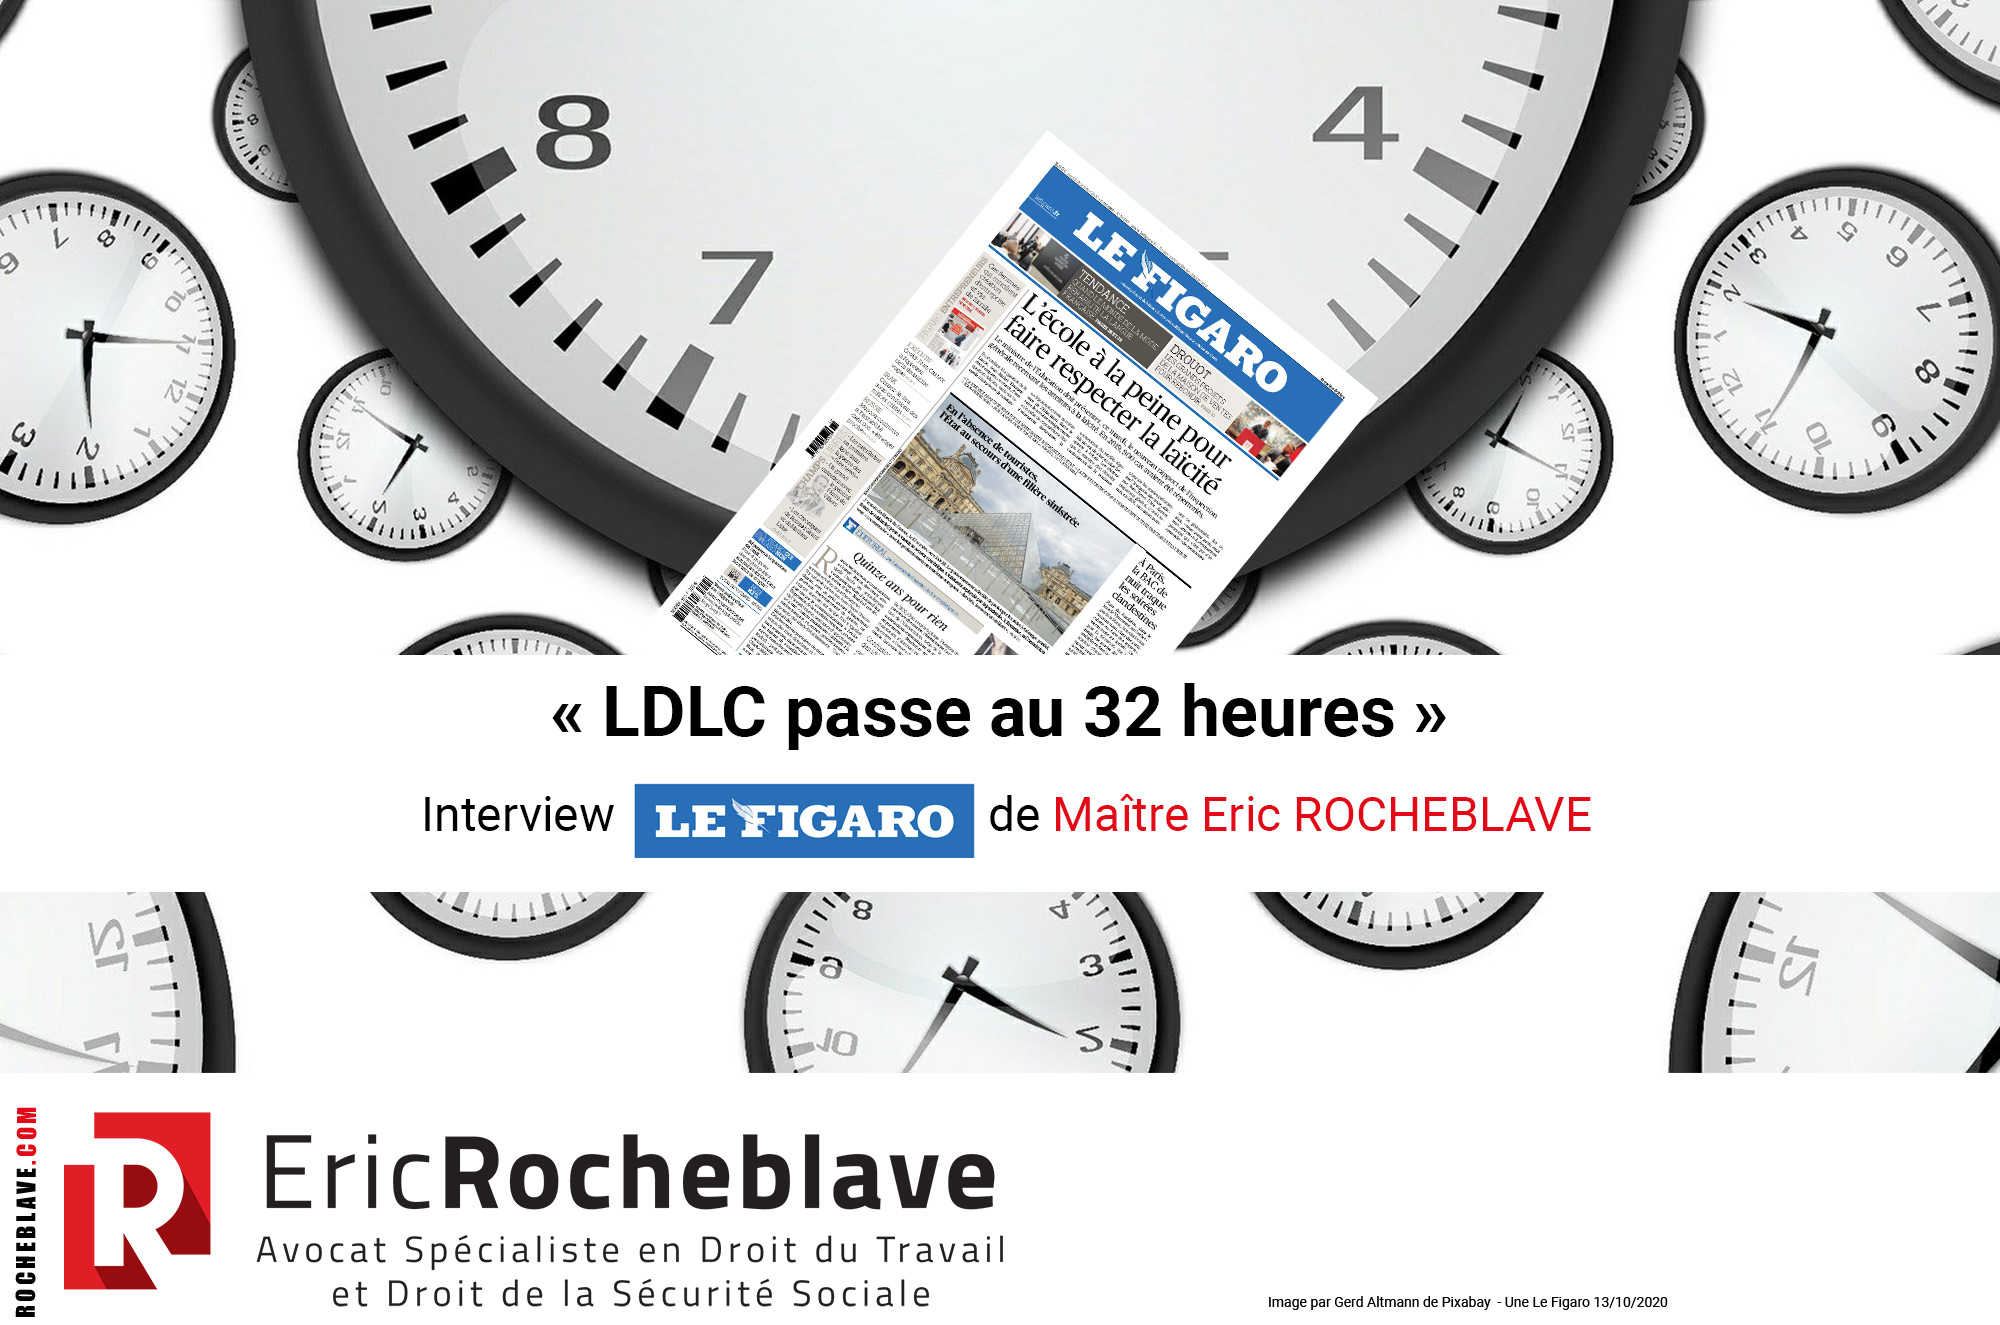 « LDLC passe au 32 heures » Interview Le Figaro de Maître Eric ROCHEBLAVE